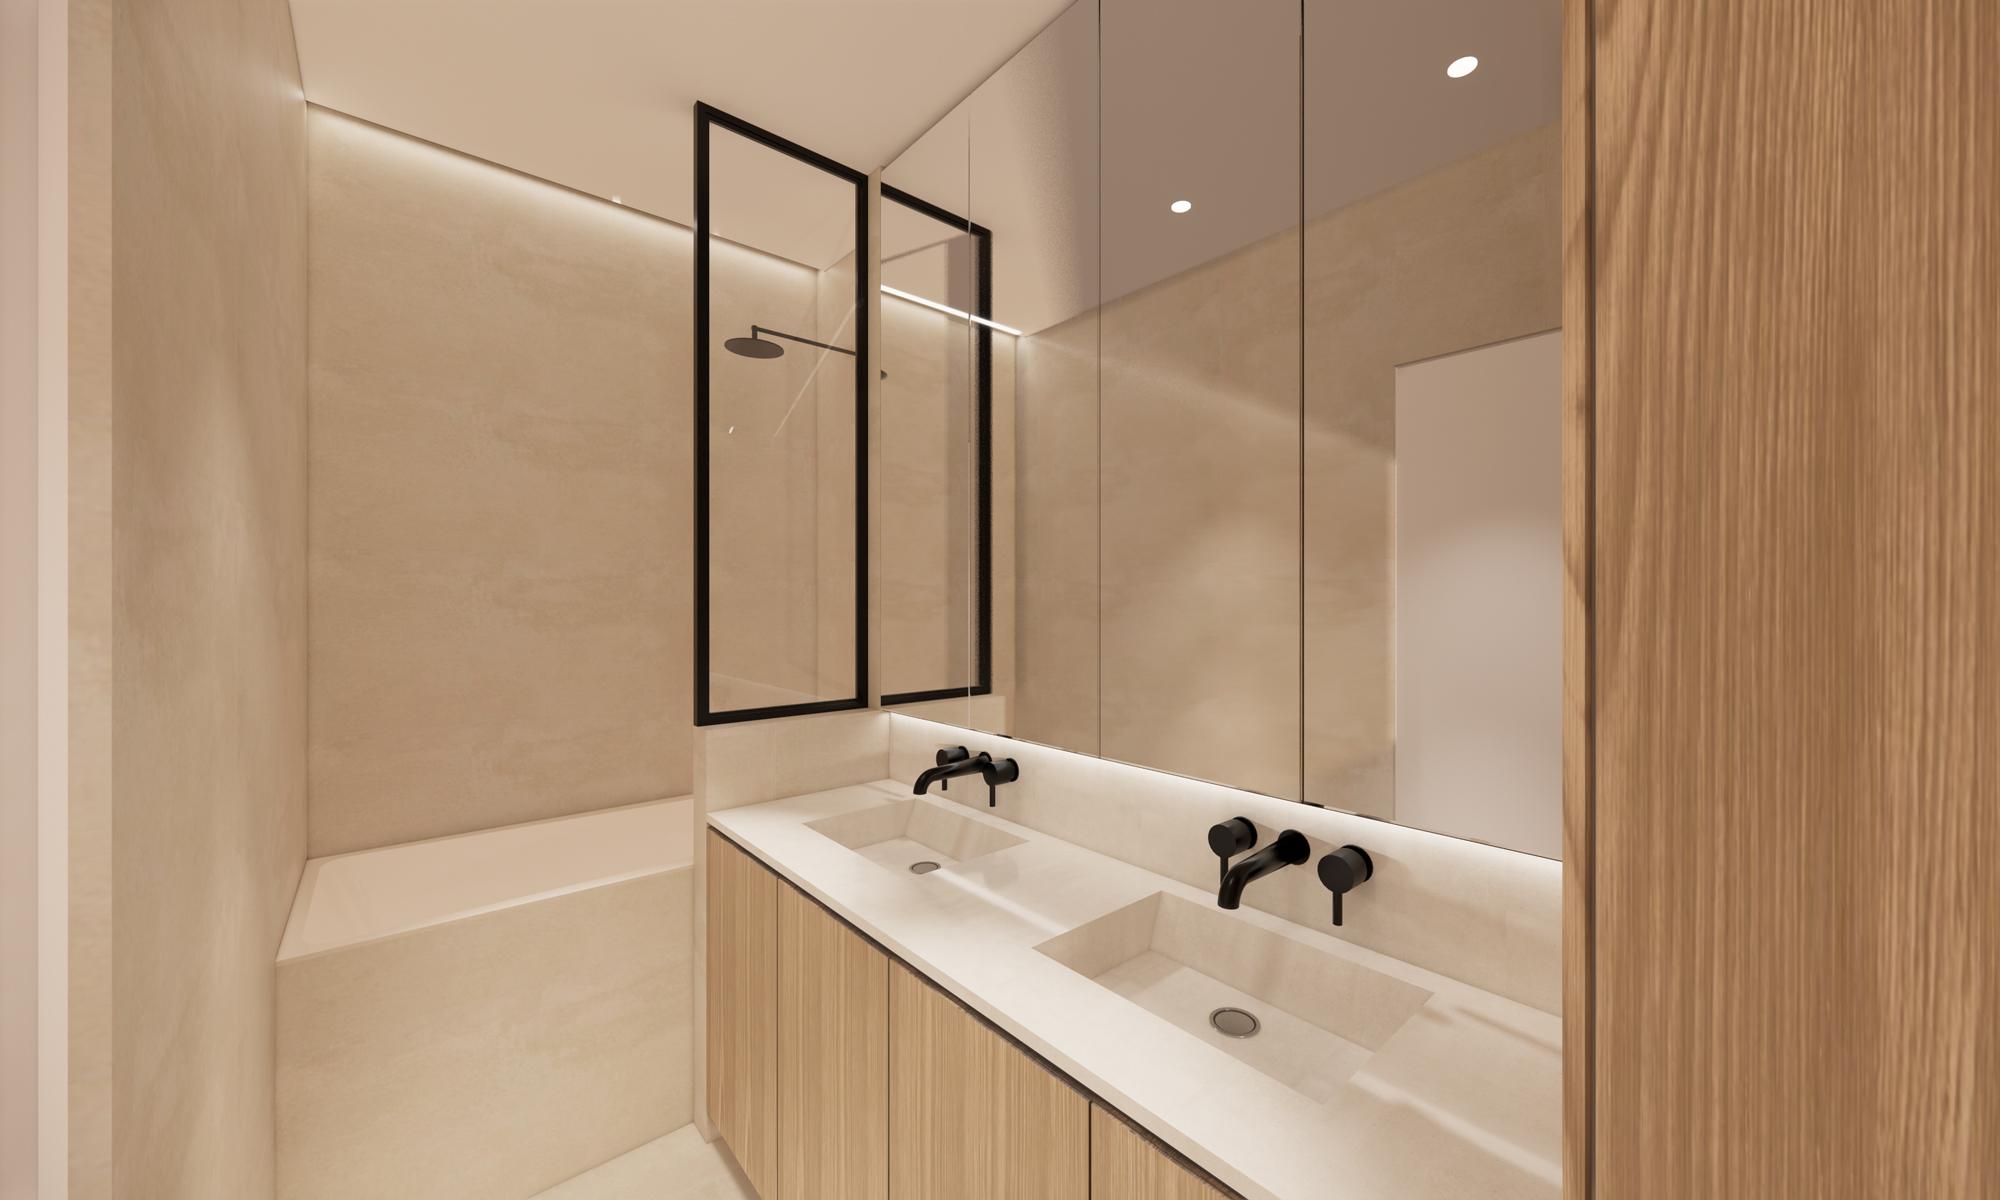 09-salle-de-bain